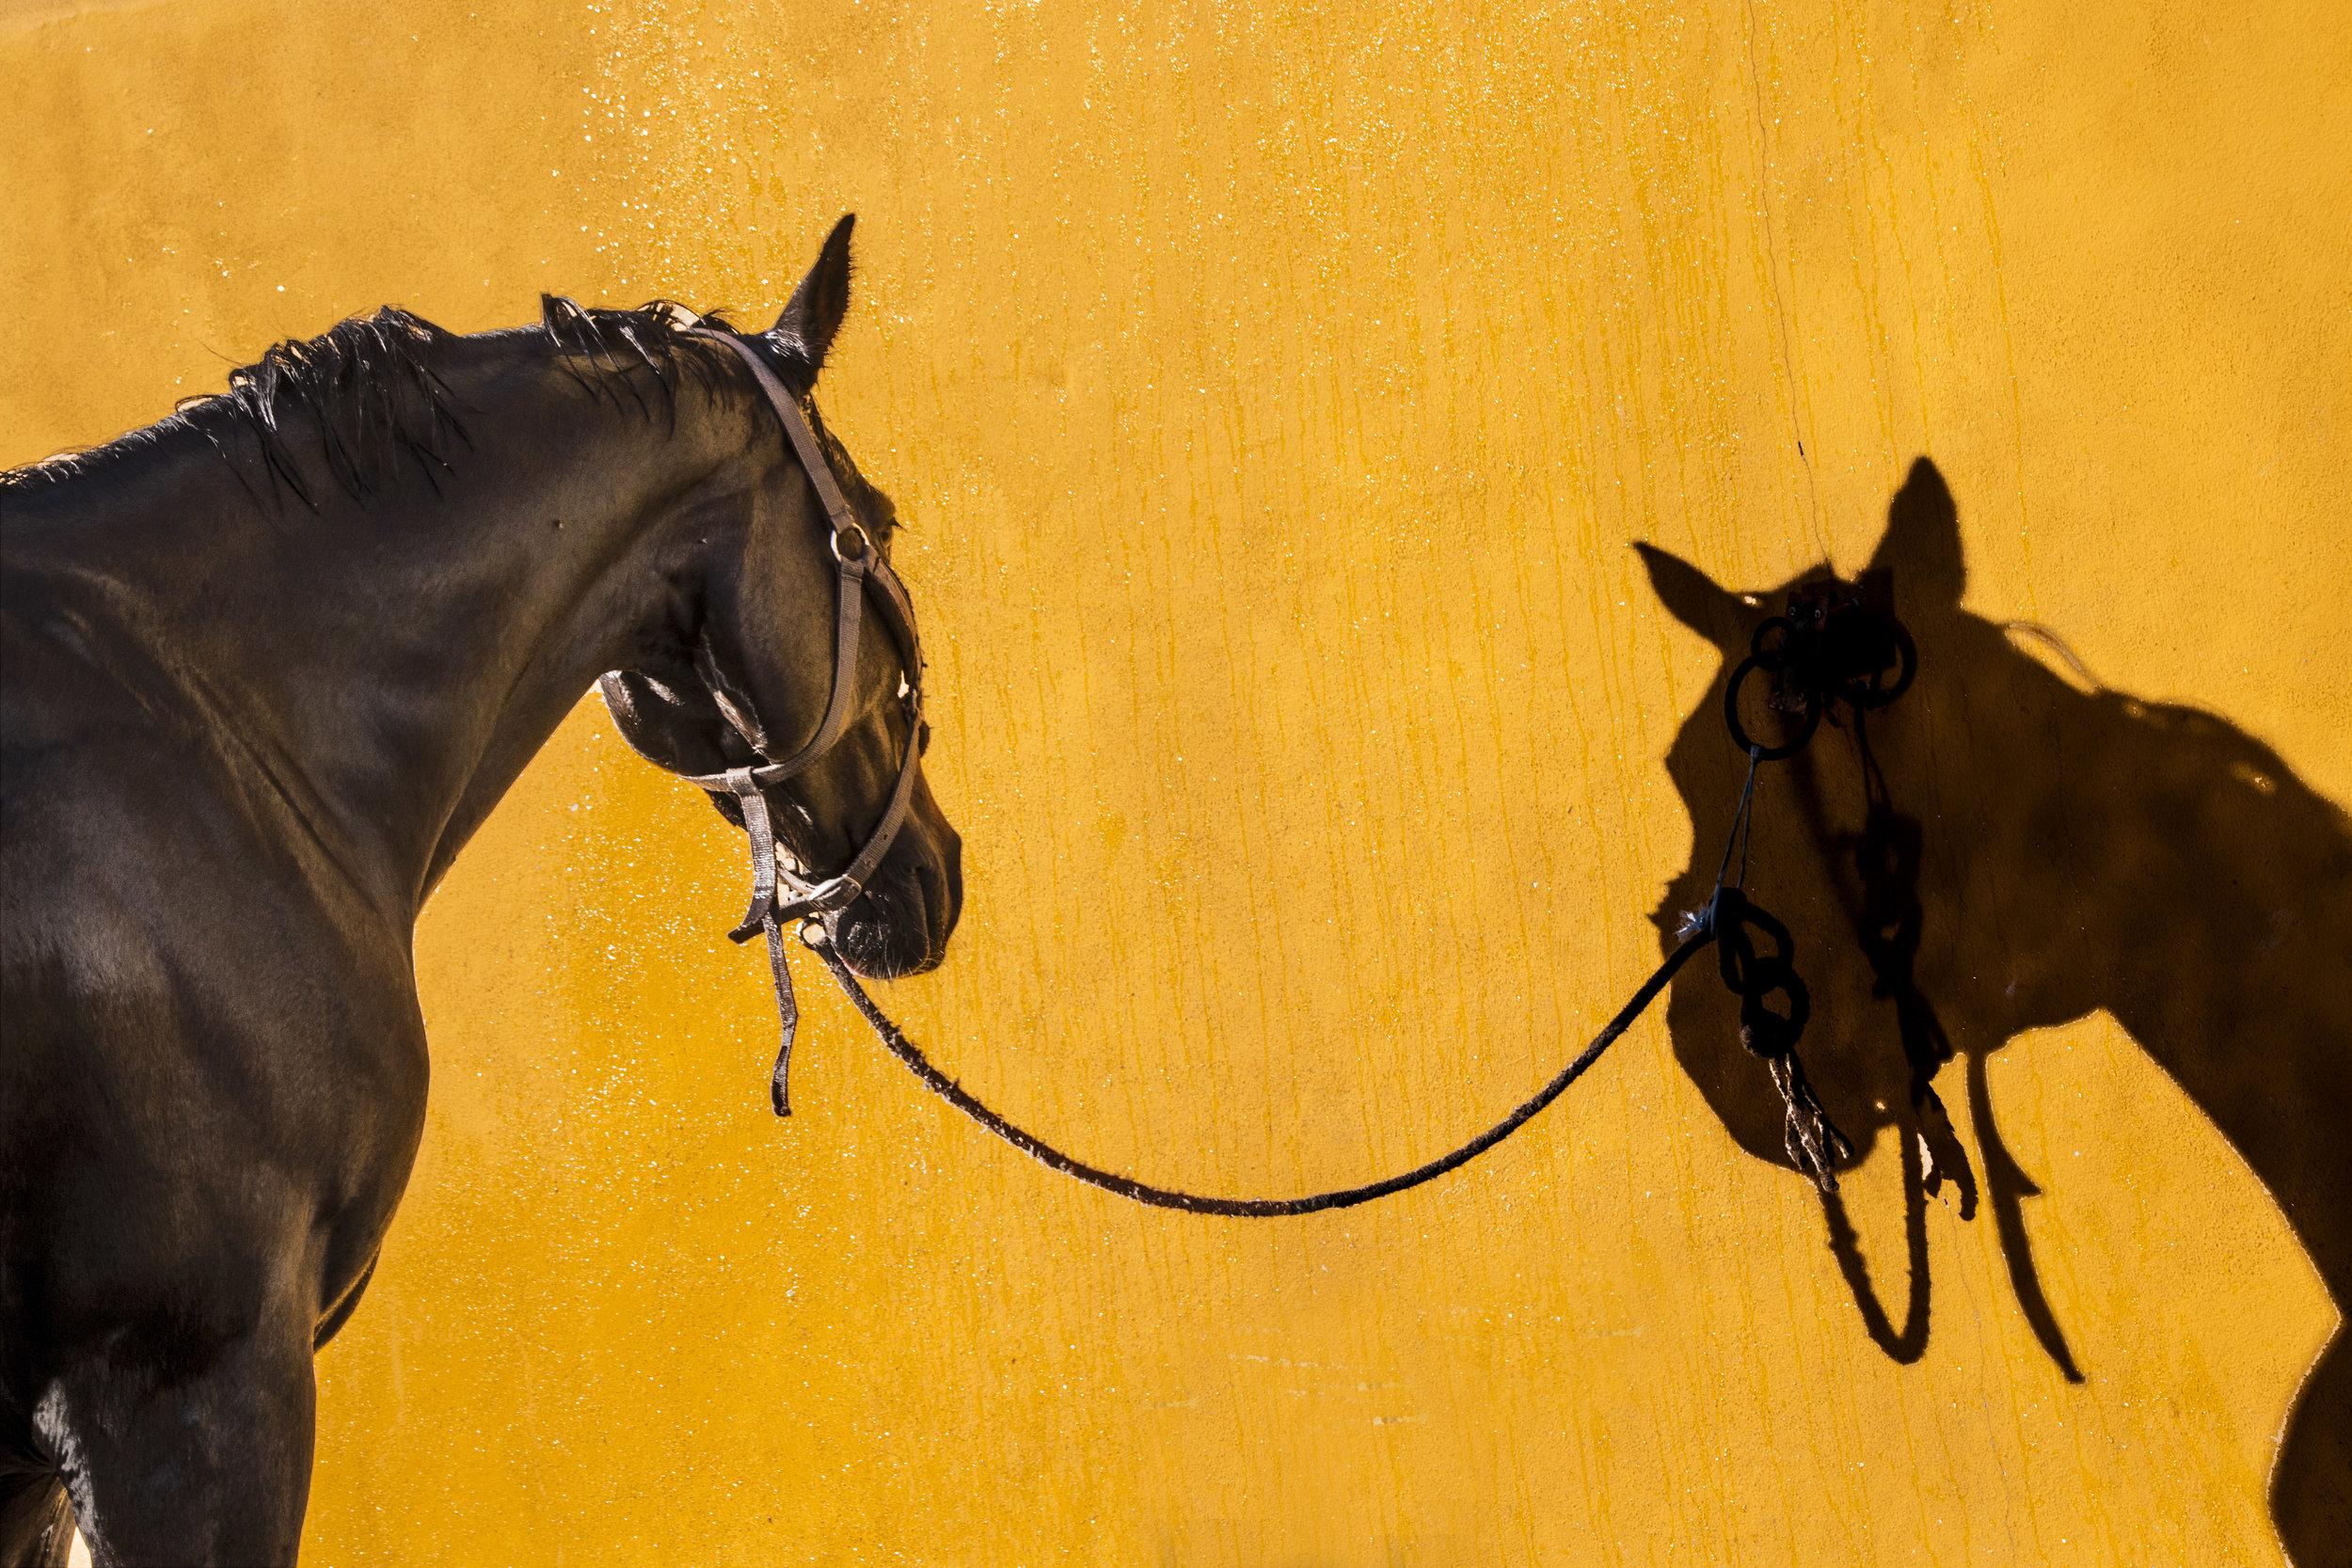 horses photoshoot ii - Centro Hípico do Porto e Matosinhos / 2018